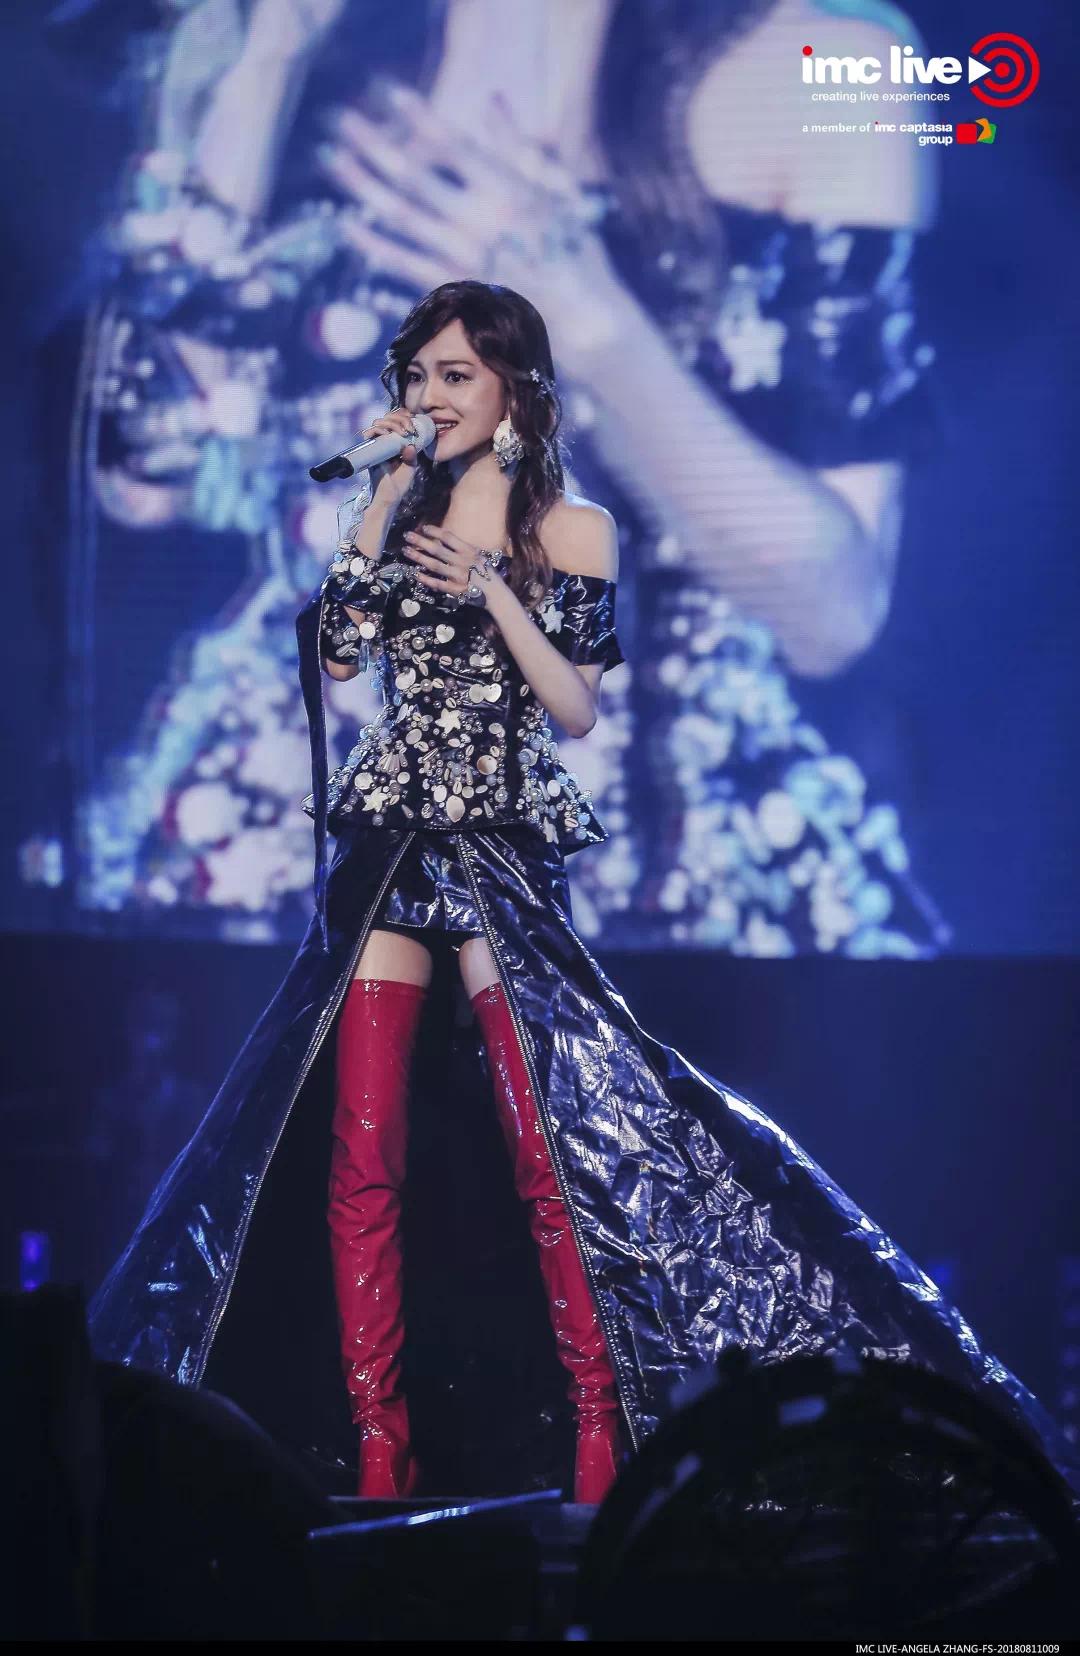 滨海橙里总冠名张韶涵巡回演唱会福州站,与你一起踏上幸福旅程